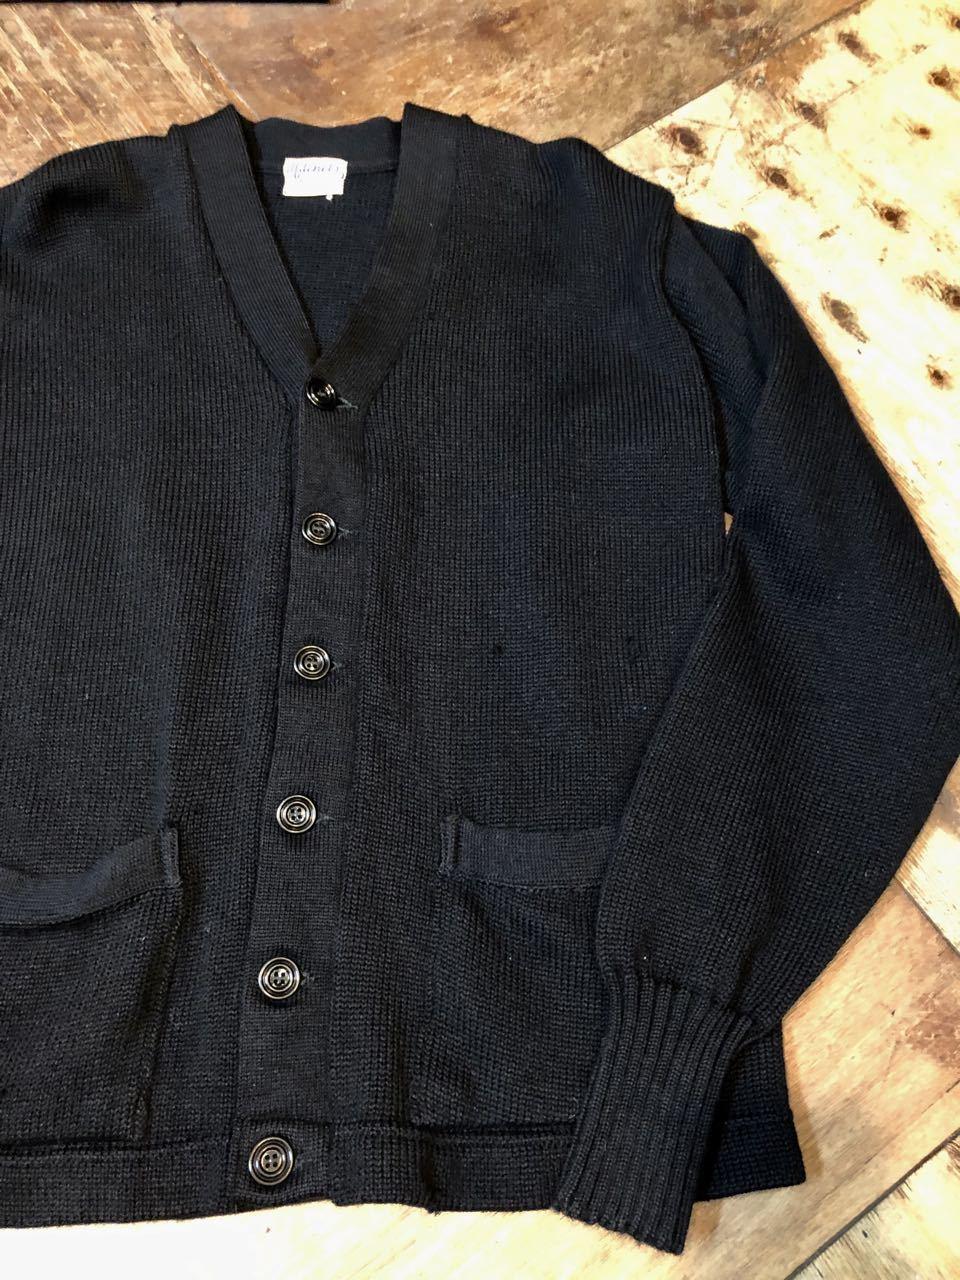 11月21日(木)入荷!50s ビンテージ all wool ブラックカラー カーディガン_c0144020_14022756.jpg